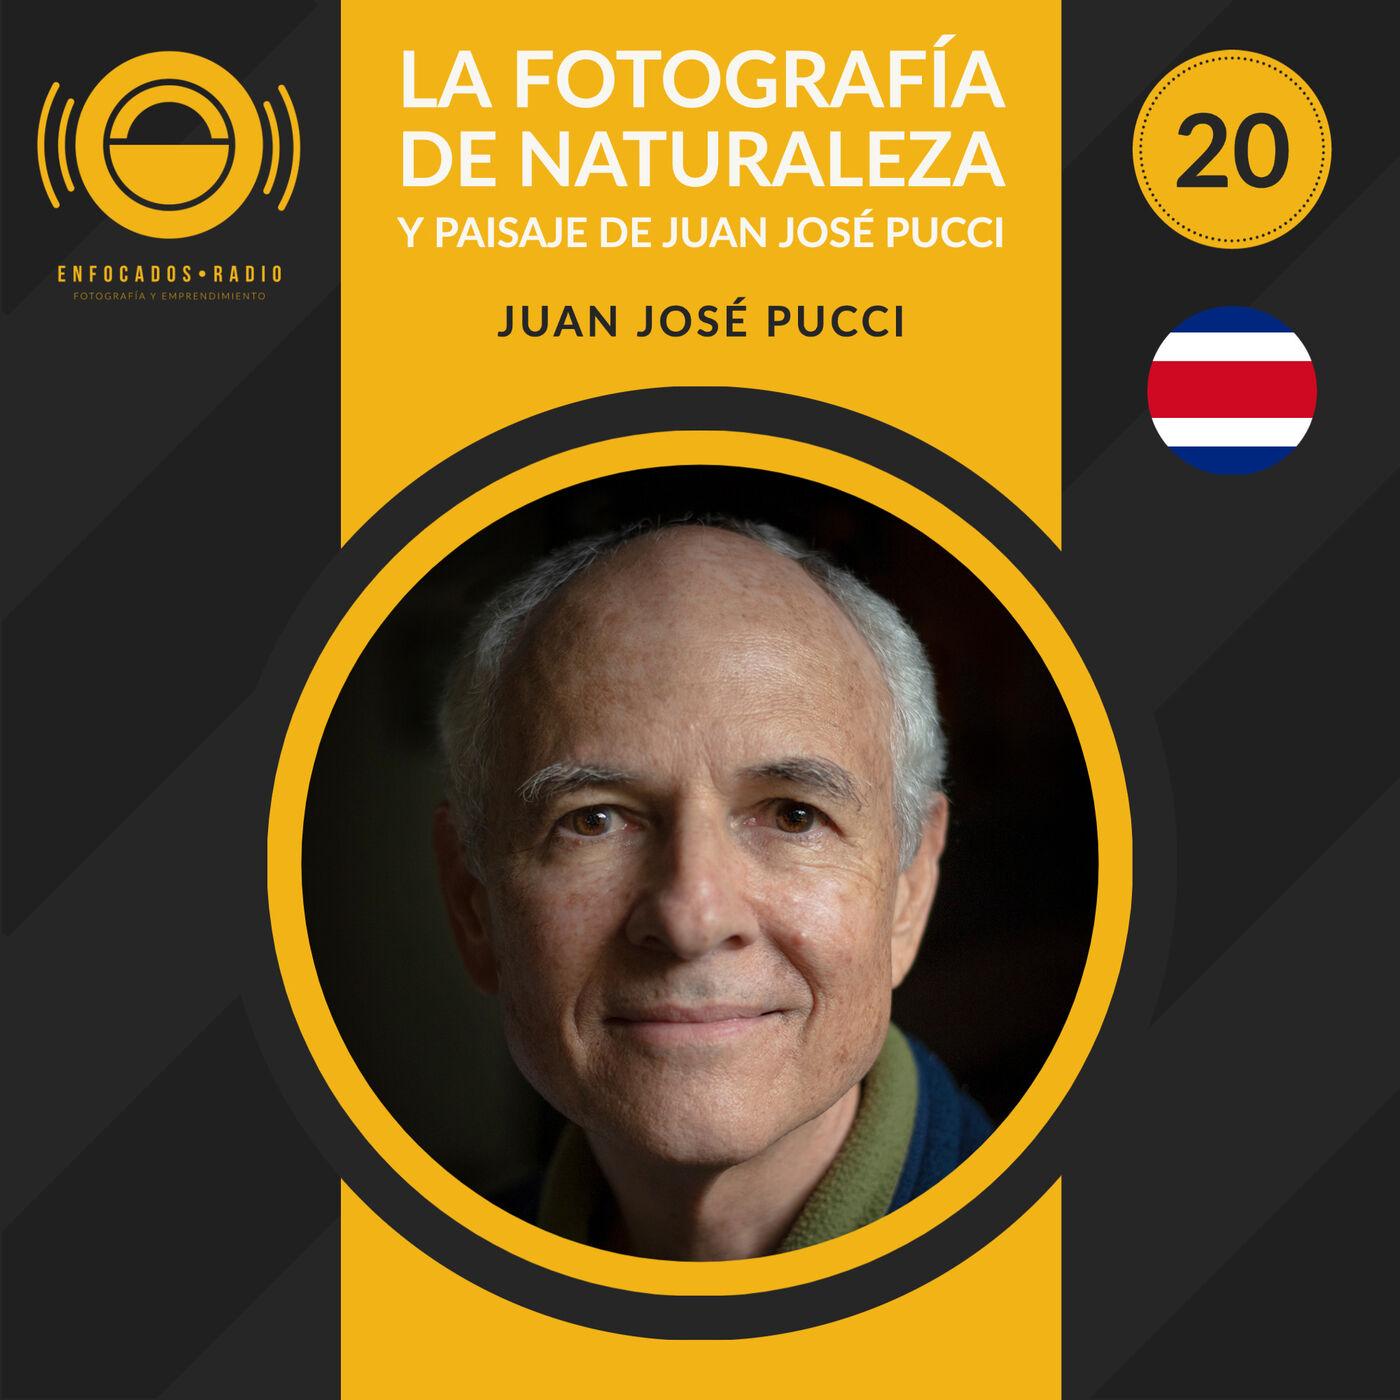 EP020: La fotografía de naturaleza y paisaje de Juan José Pucci